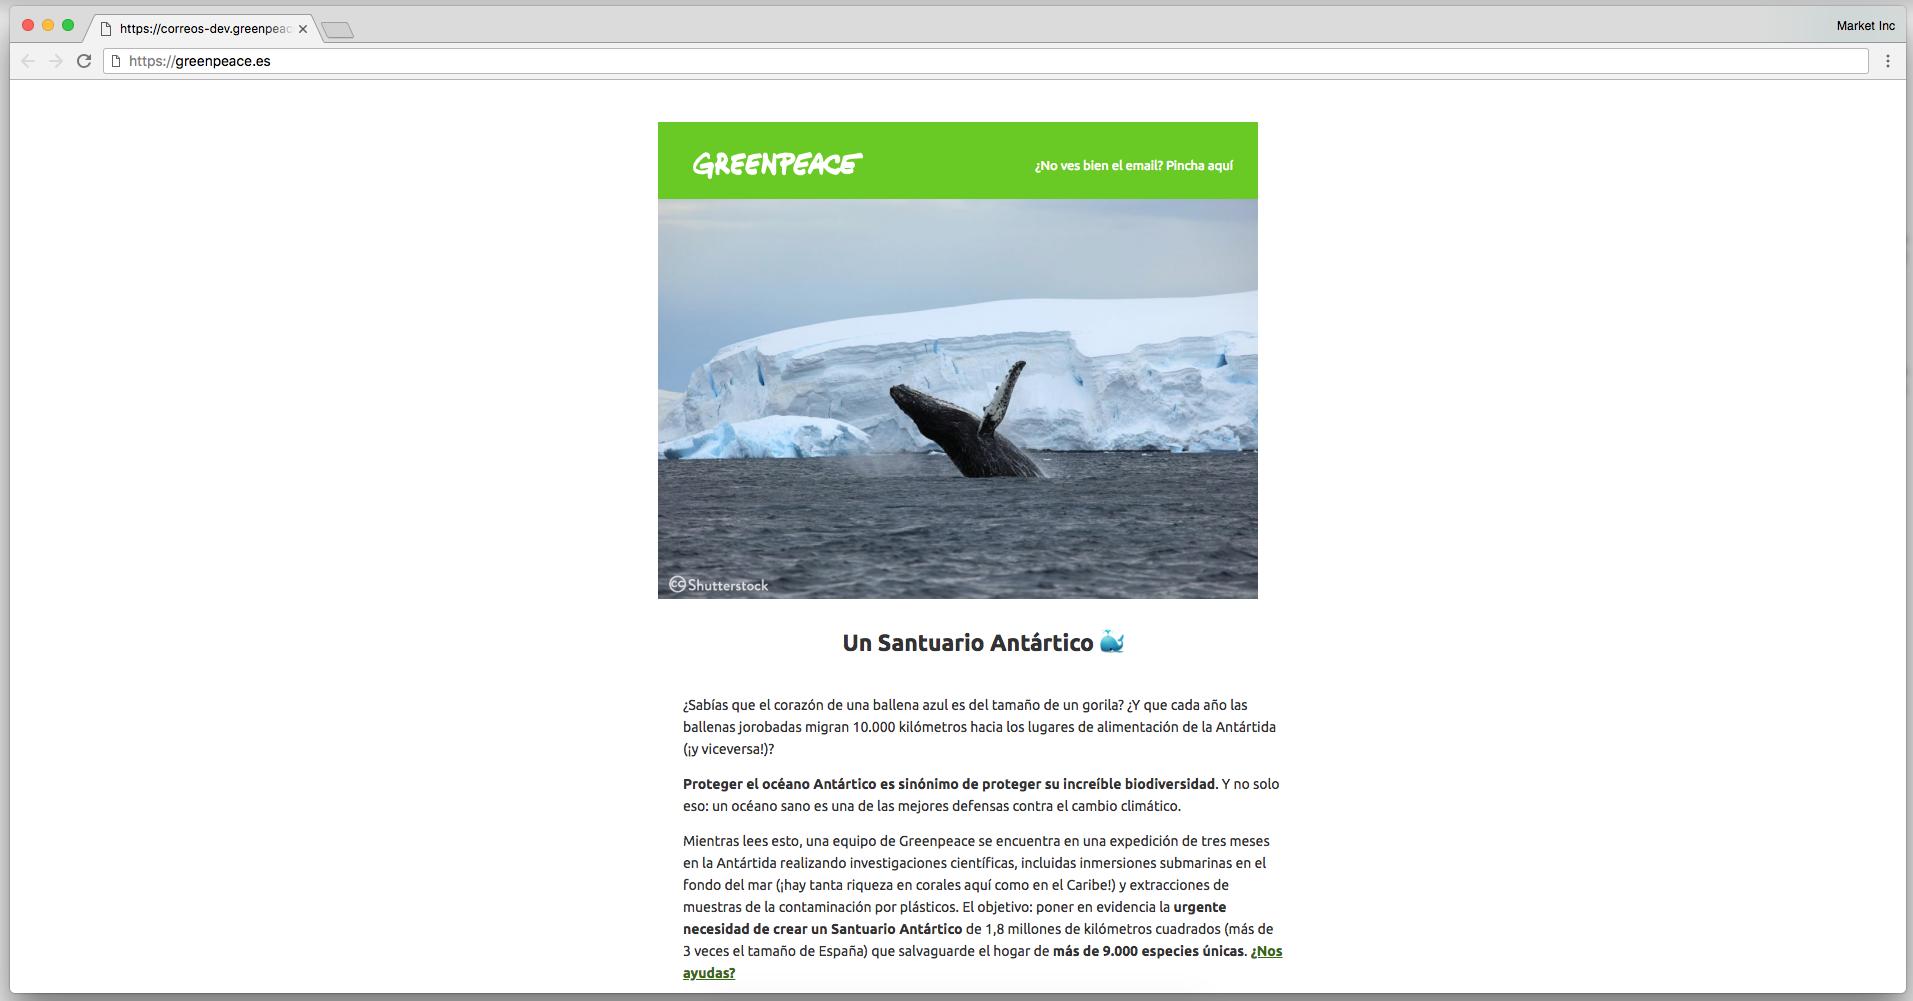 Un Santuario Antártico - Iniciativa de Greenpeace